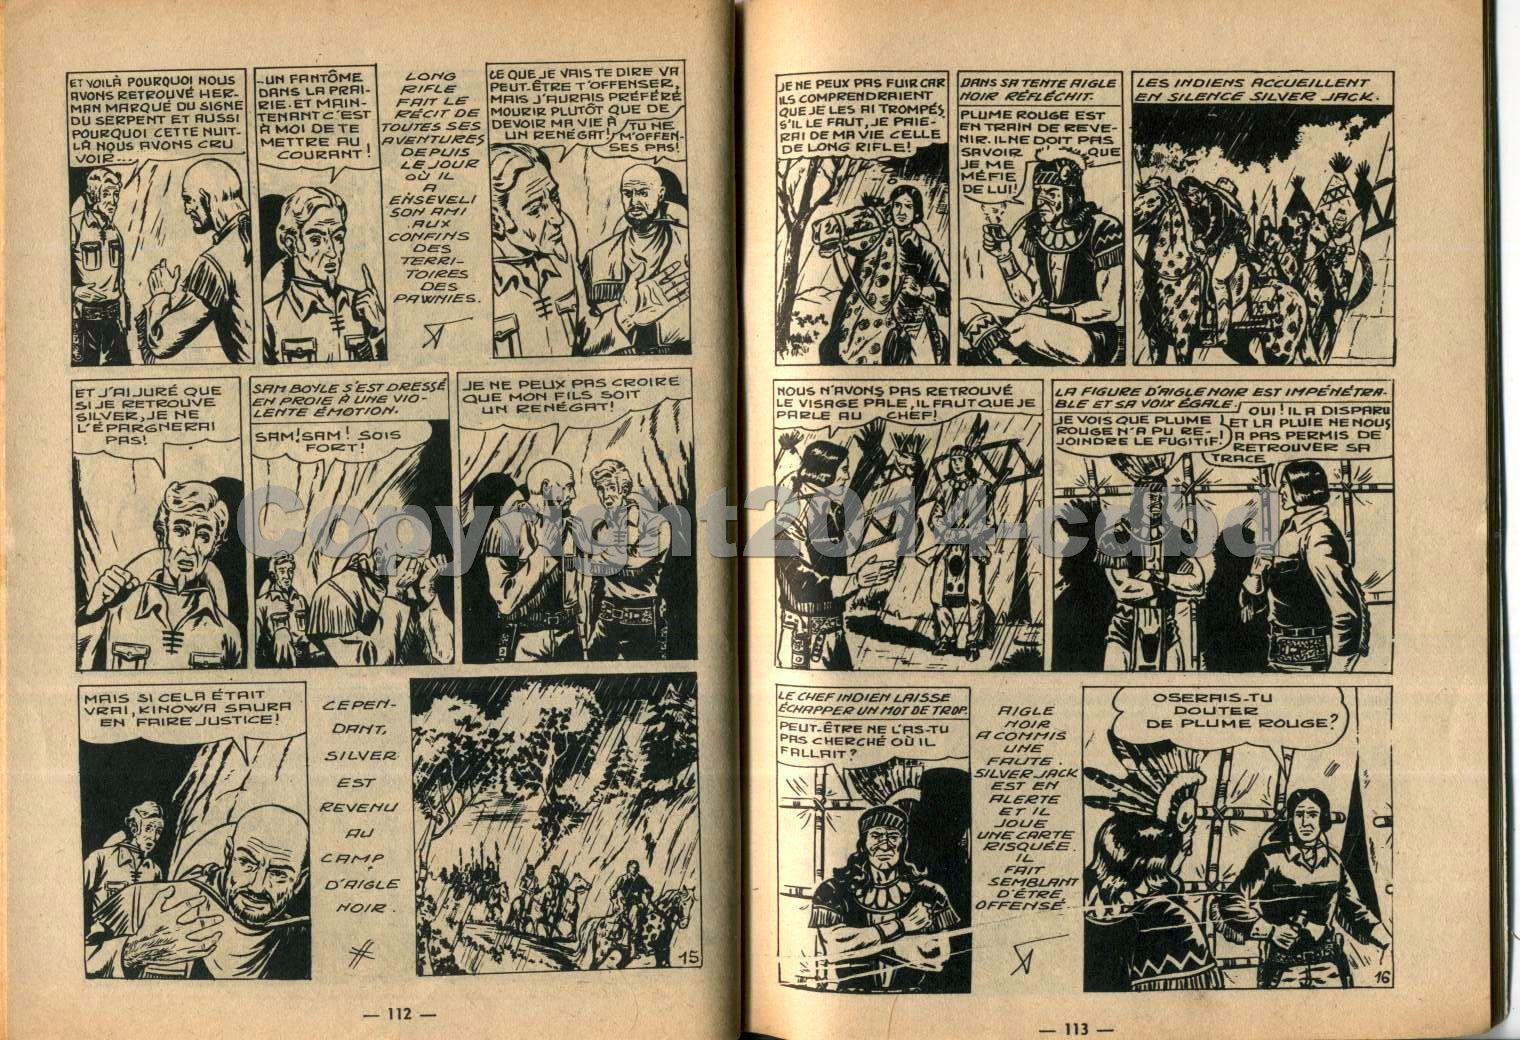 Yuma mensuel n°9 - Juillet 1963- pages 50 à 57